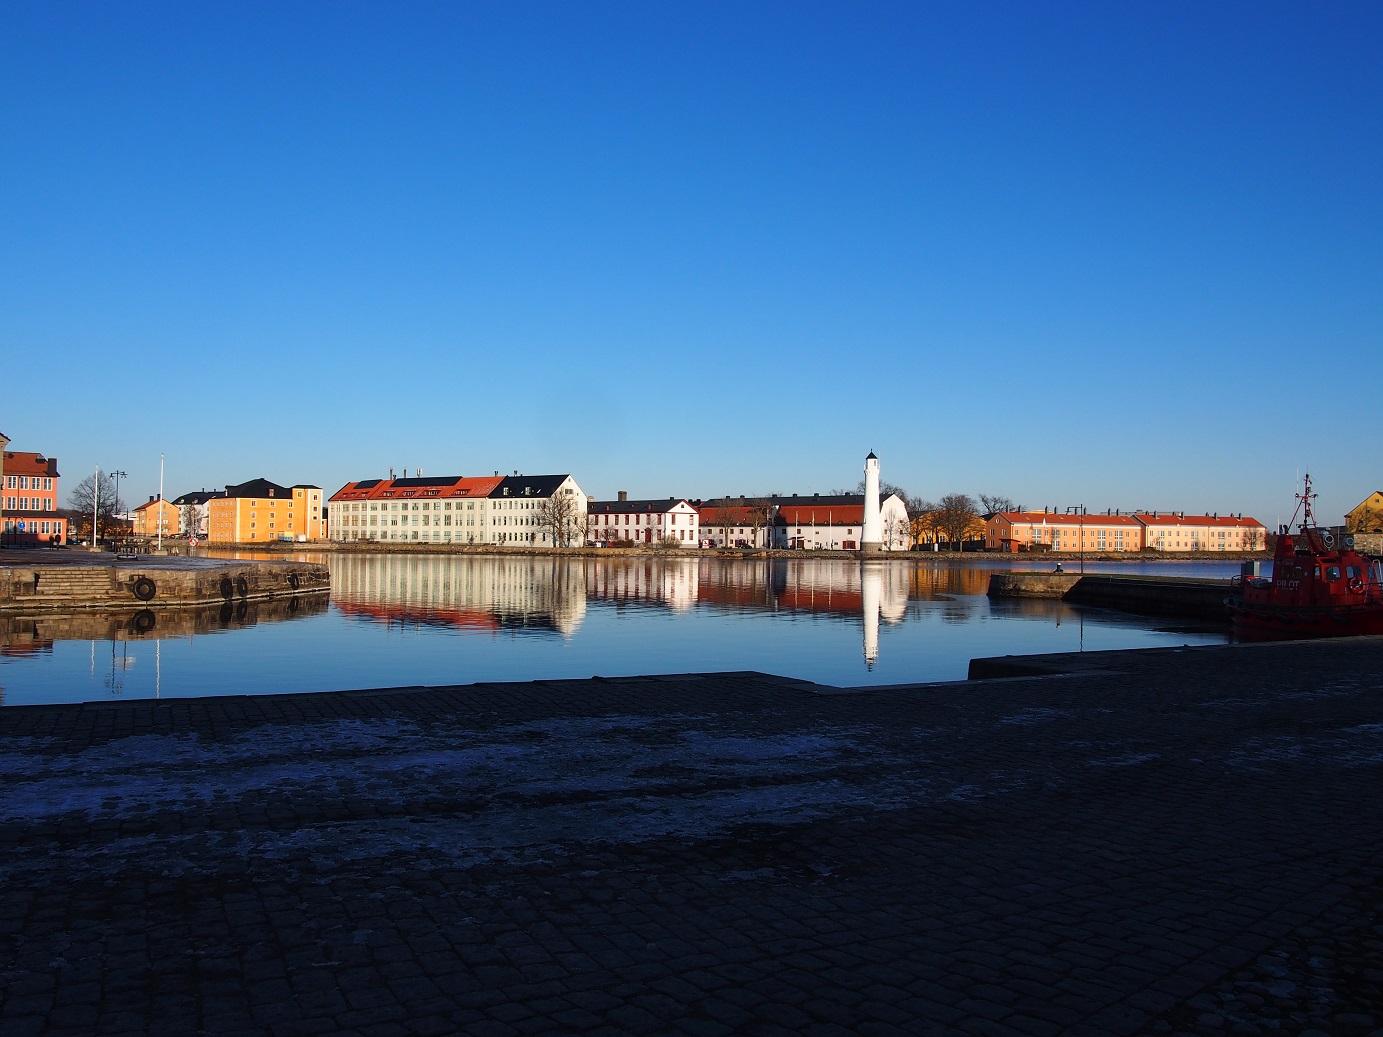 landskrona homo eskort stockholm gay escort